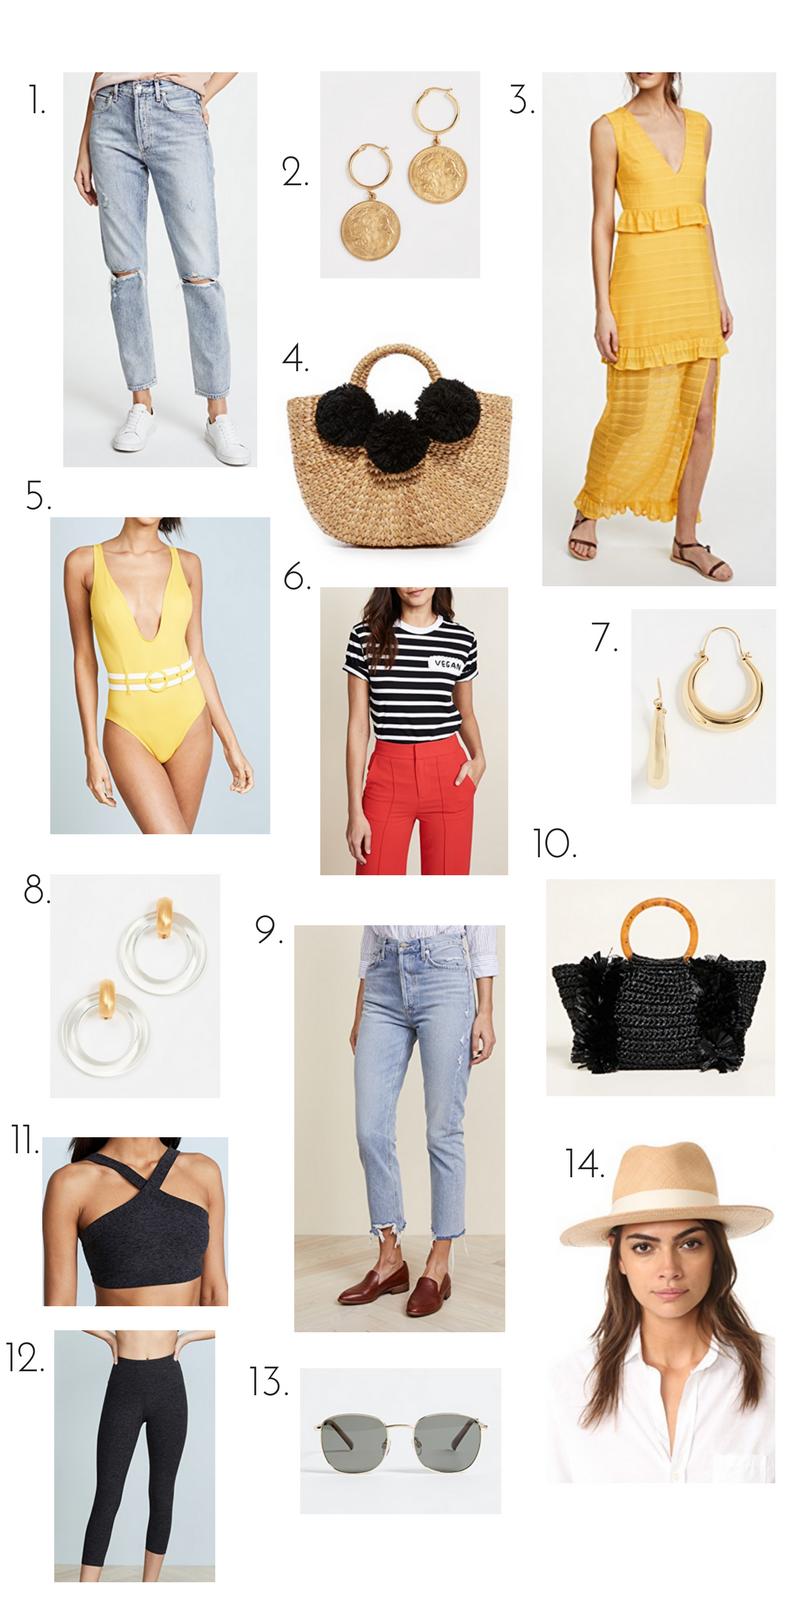 shopbop sale, vegan fashion, sustainable fashion, ethical fashion